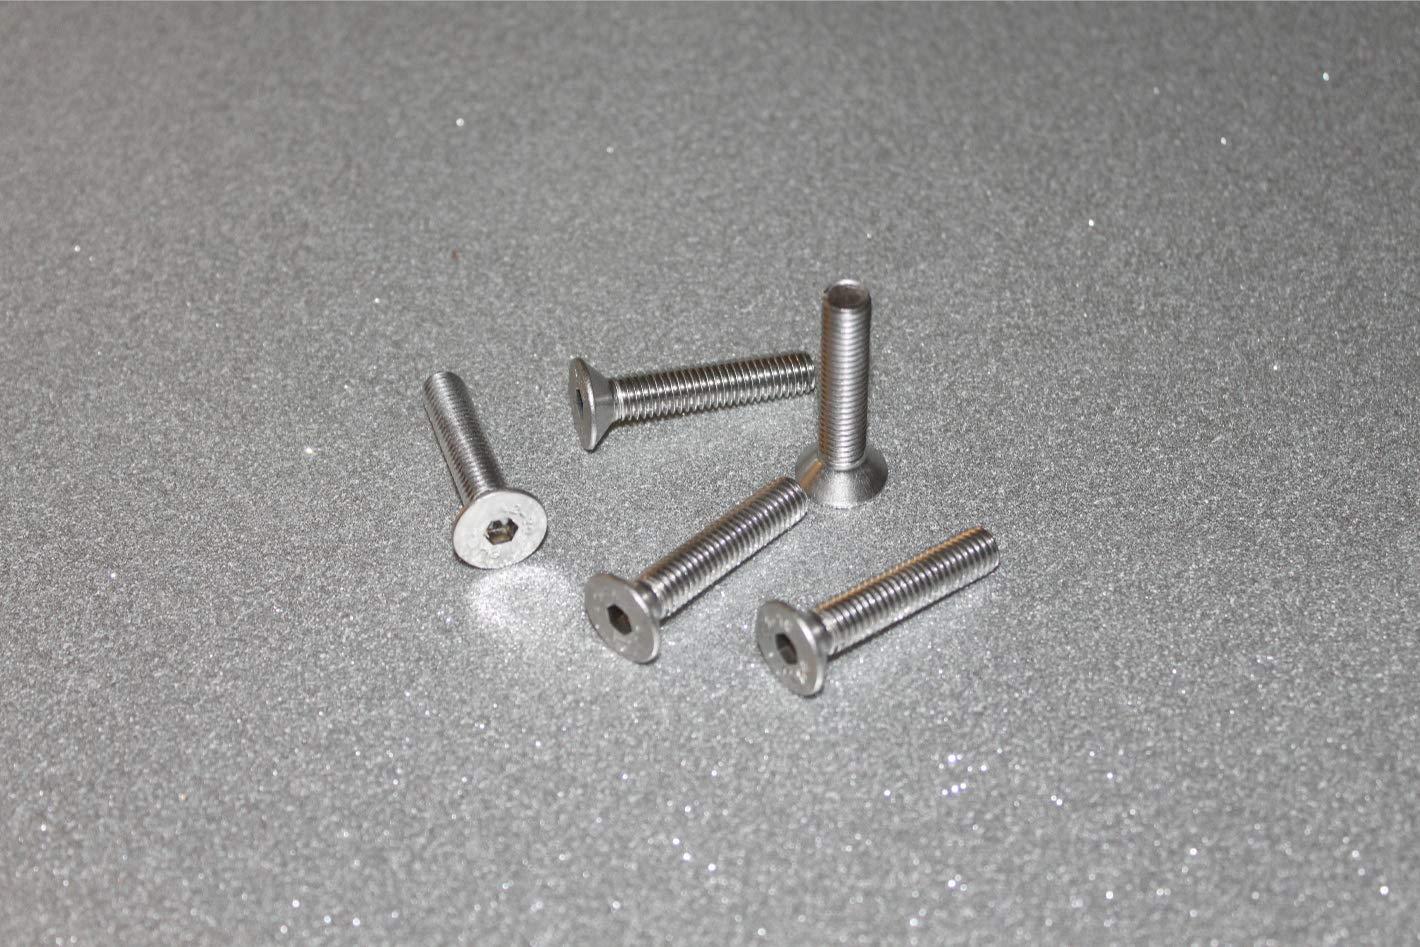 DIN 7991 10, M6x10 mm Innensechskant A2 Edelstahl V2A Senk 10 St/ück Senkkopf Schrauben M6x10 mm Senkkopfschrauben